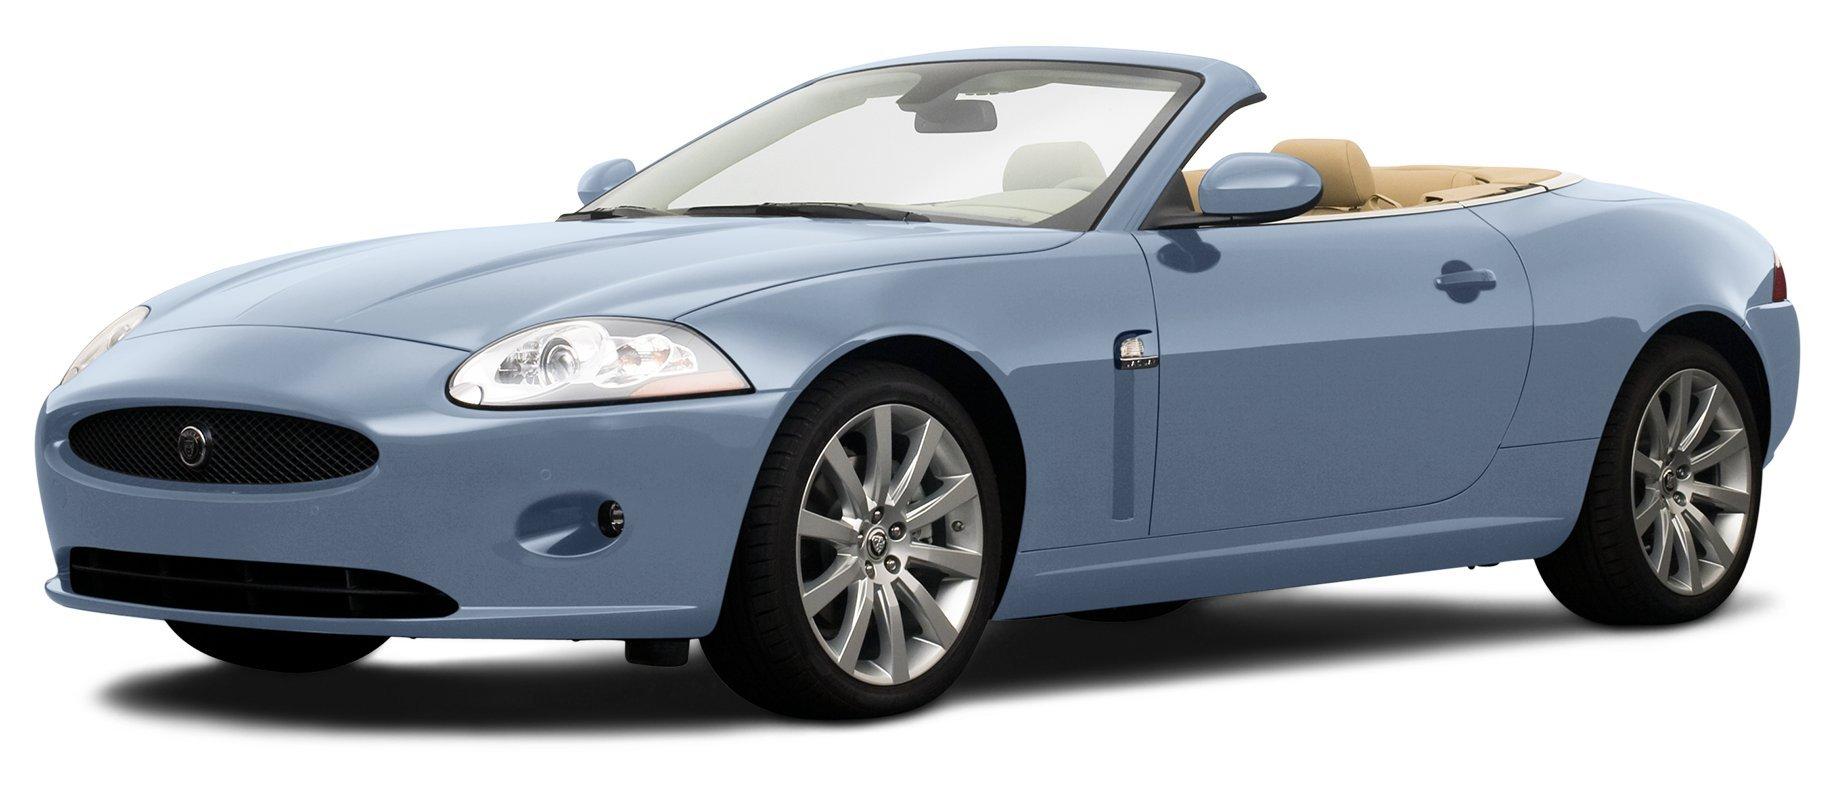 price convertible base xk photos for sale features photo jaguar reviews